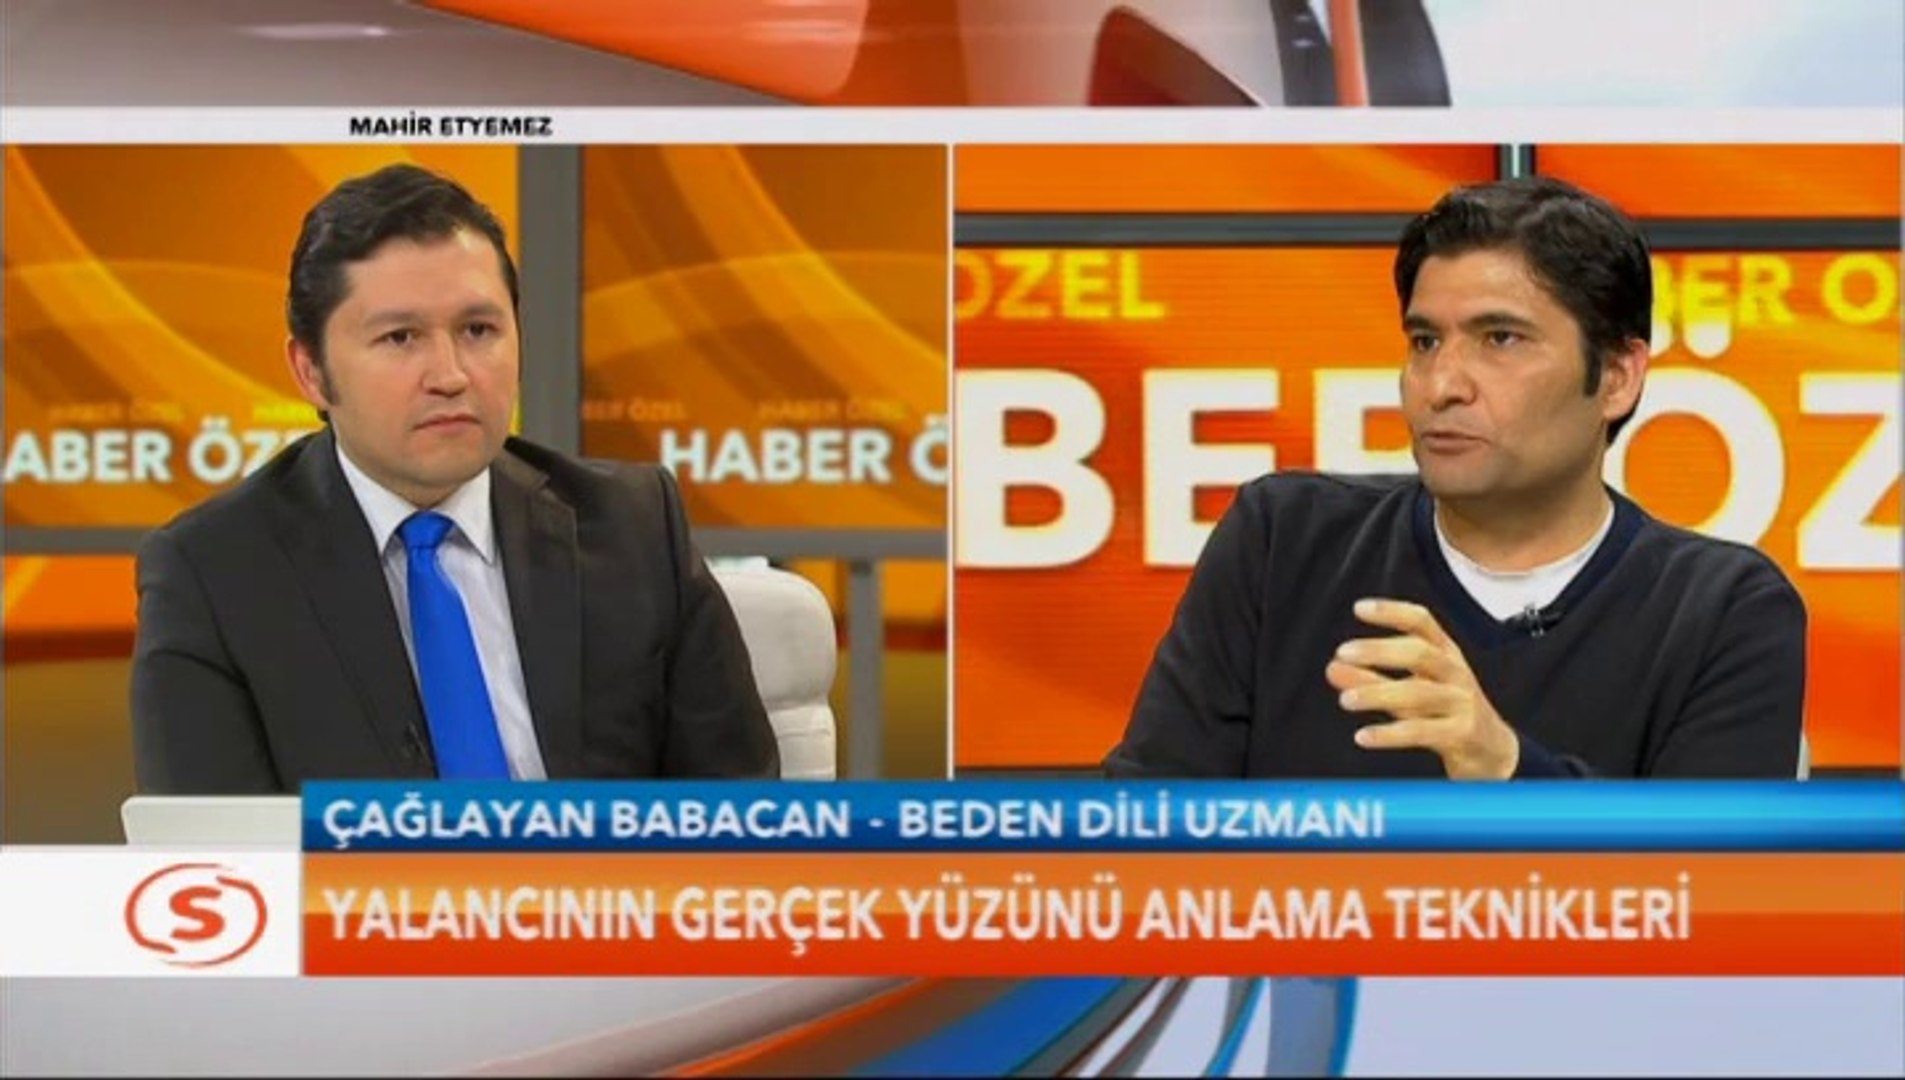 Çağlayan Babacan/10 Mayıs 2014/Samanyolu Haber Kanalı/Haber Özel:Yalanlar Hakkındaki Doğrular